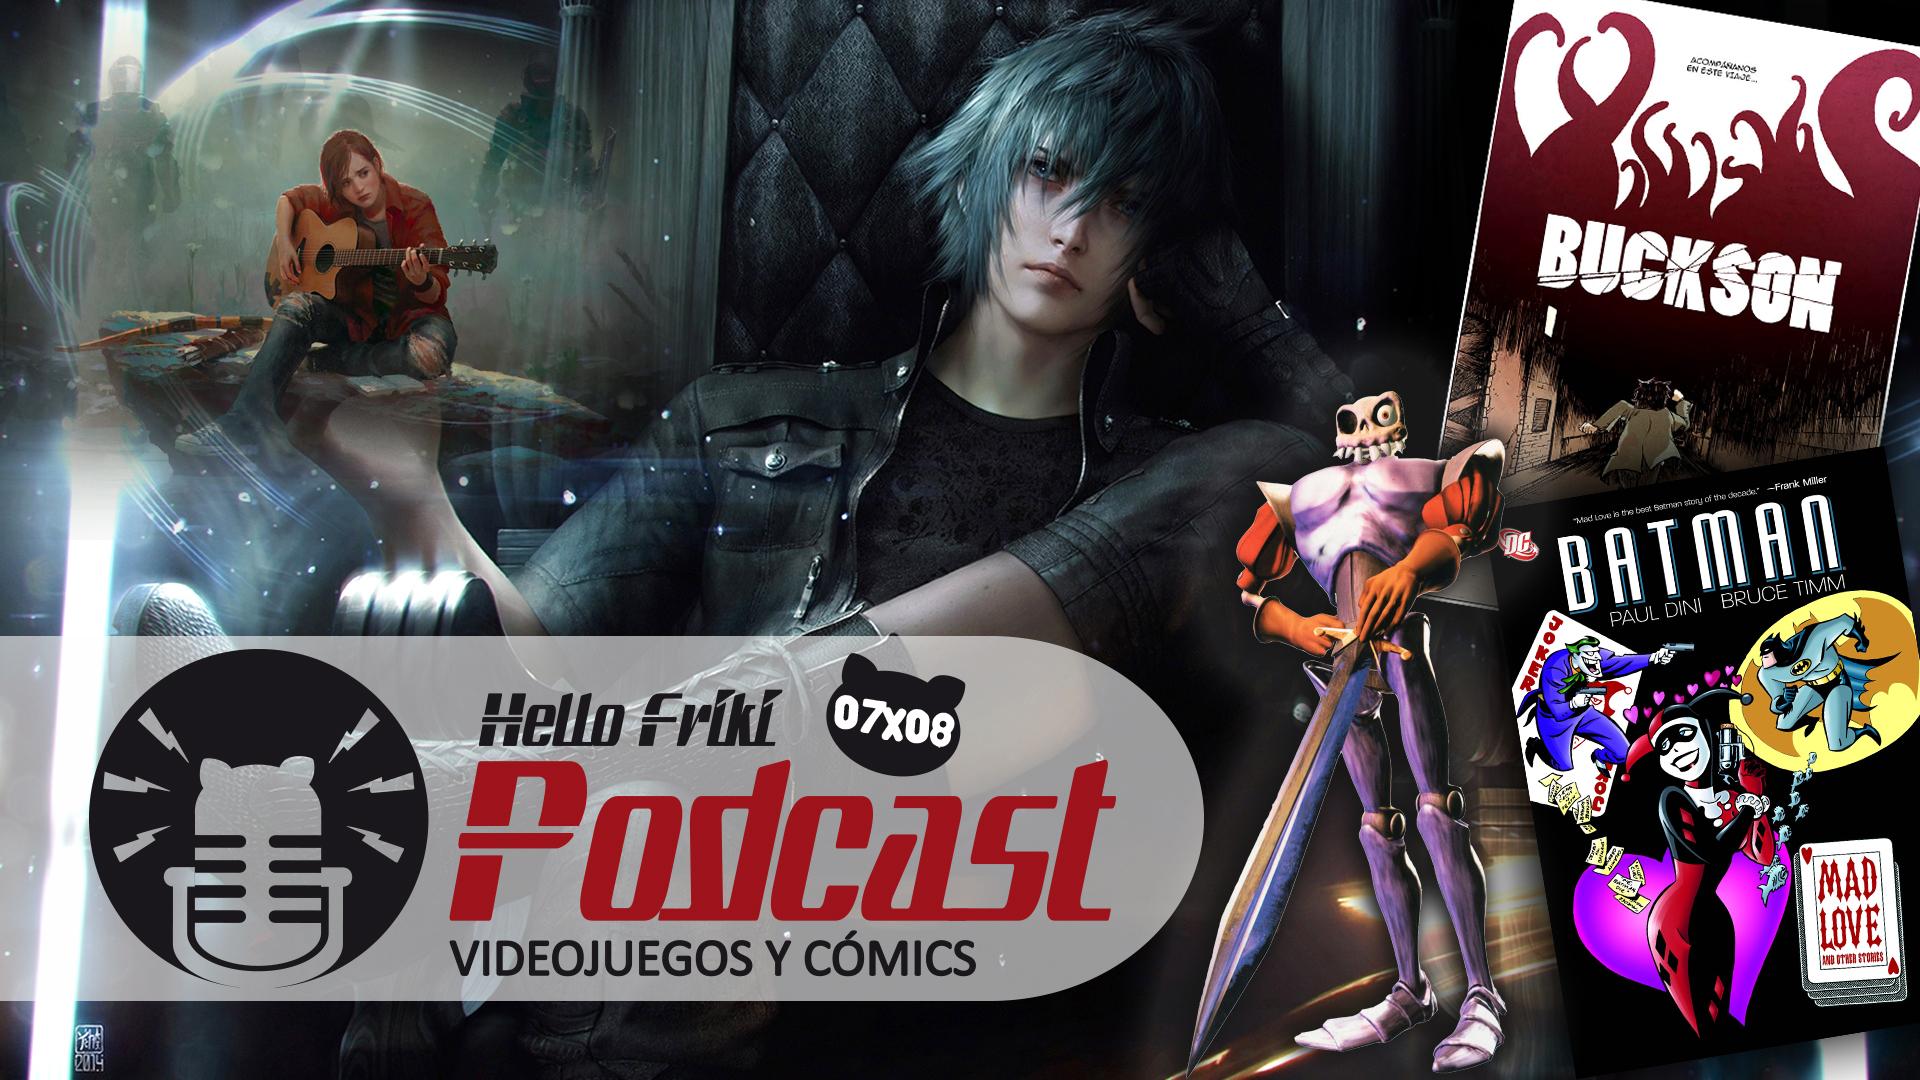 HF 7x08 Videojuegos y Cómics: Final Fantasy XV, El Ala Rota...